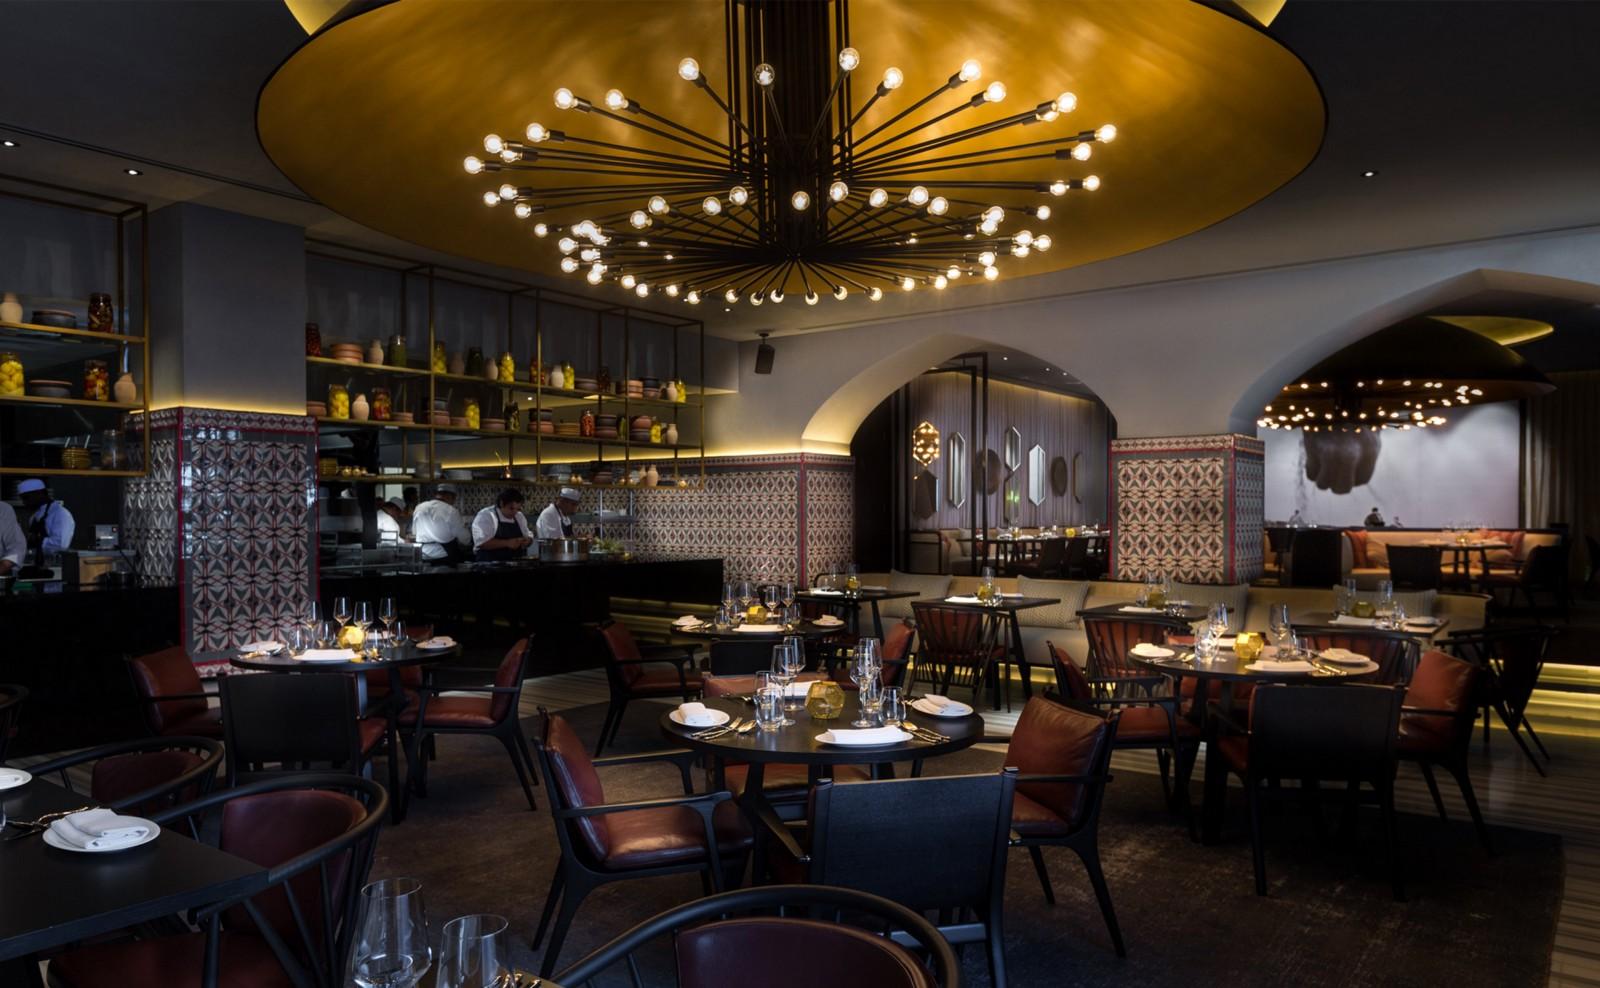 بررسی طراحی داخلی 6 رستوران معروف در دنیا